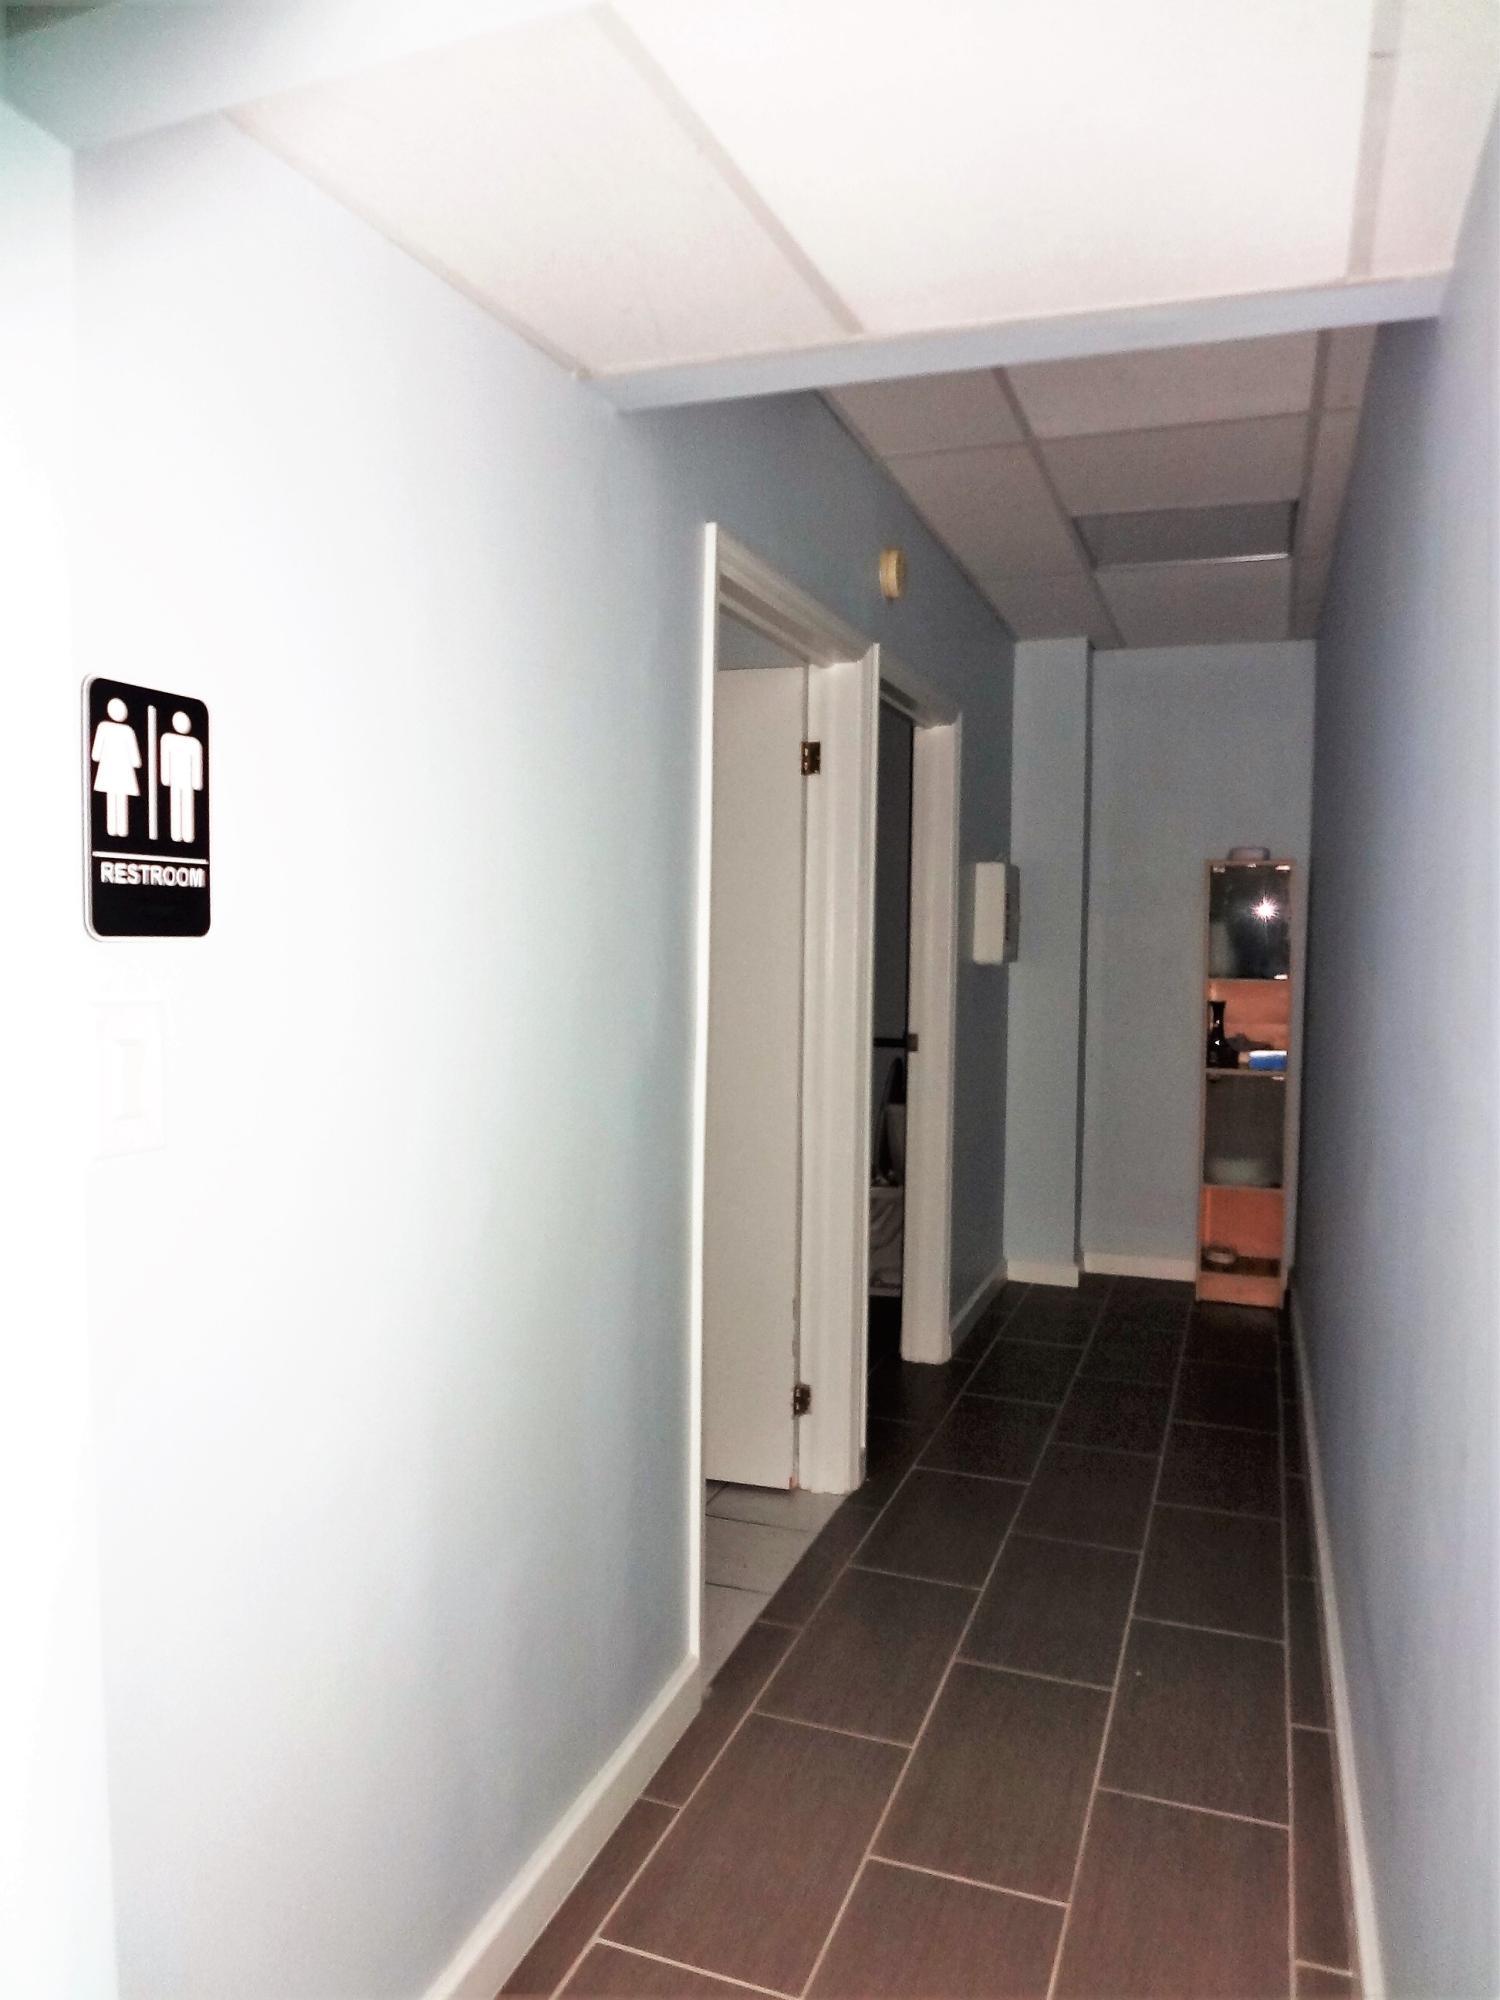 Suite 1 Restrooms